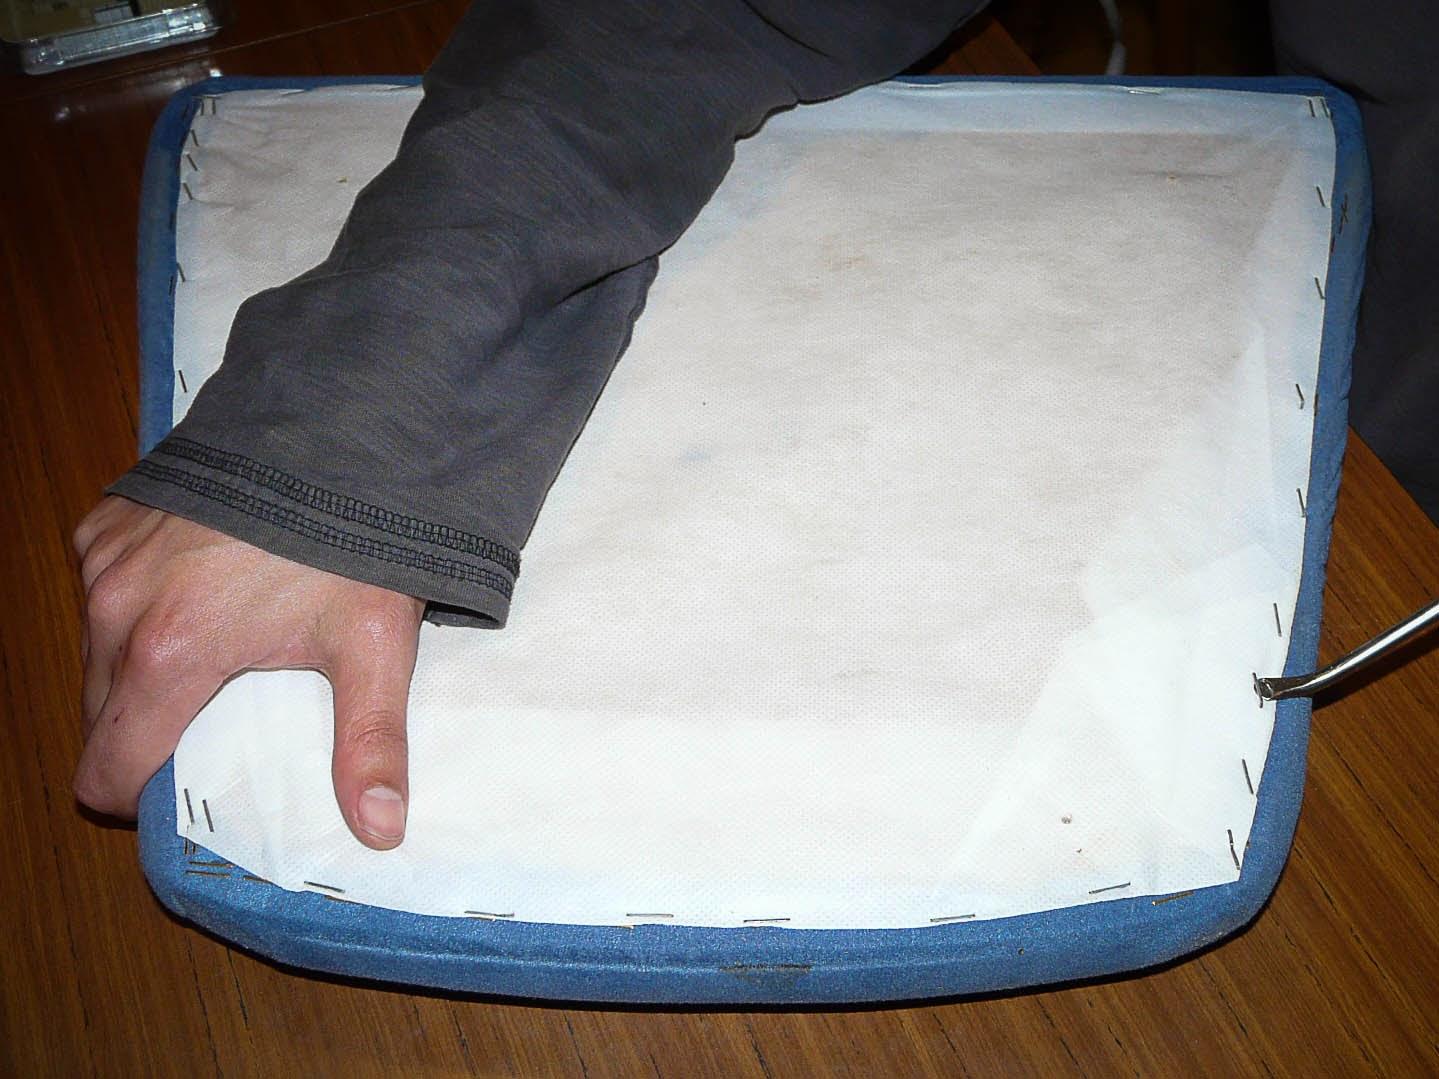 Upcycling design como tapizar facil paso a paso unas sillas - Como tapizar una silla paso a paso ...